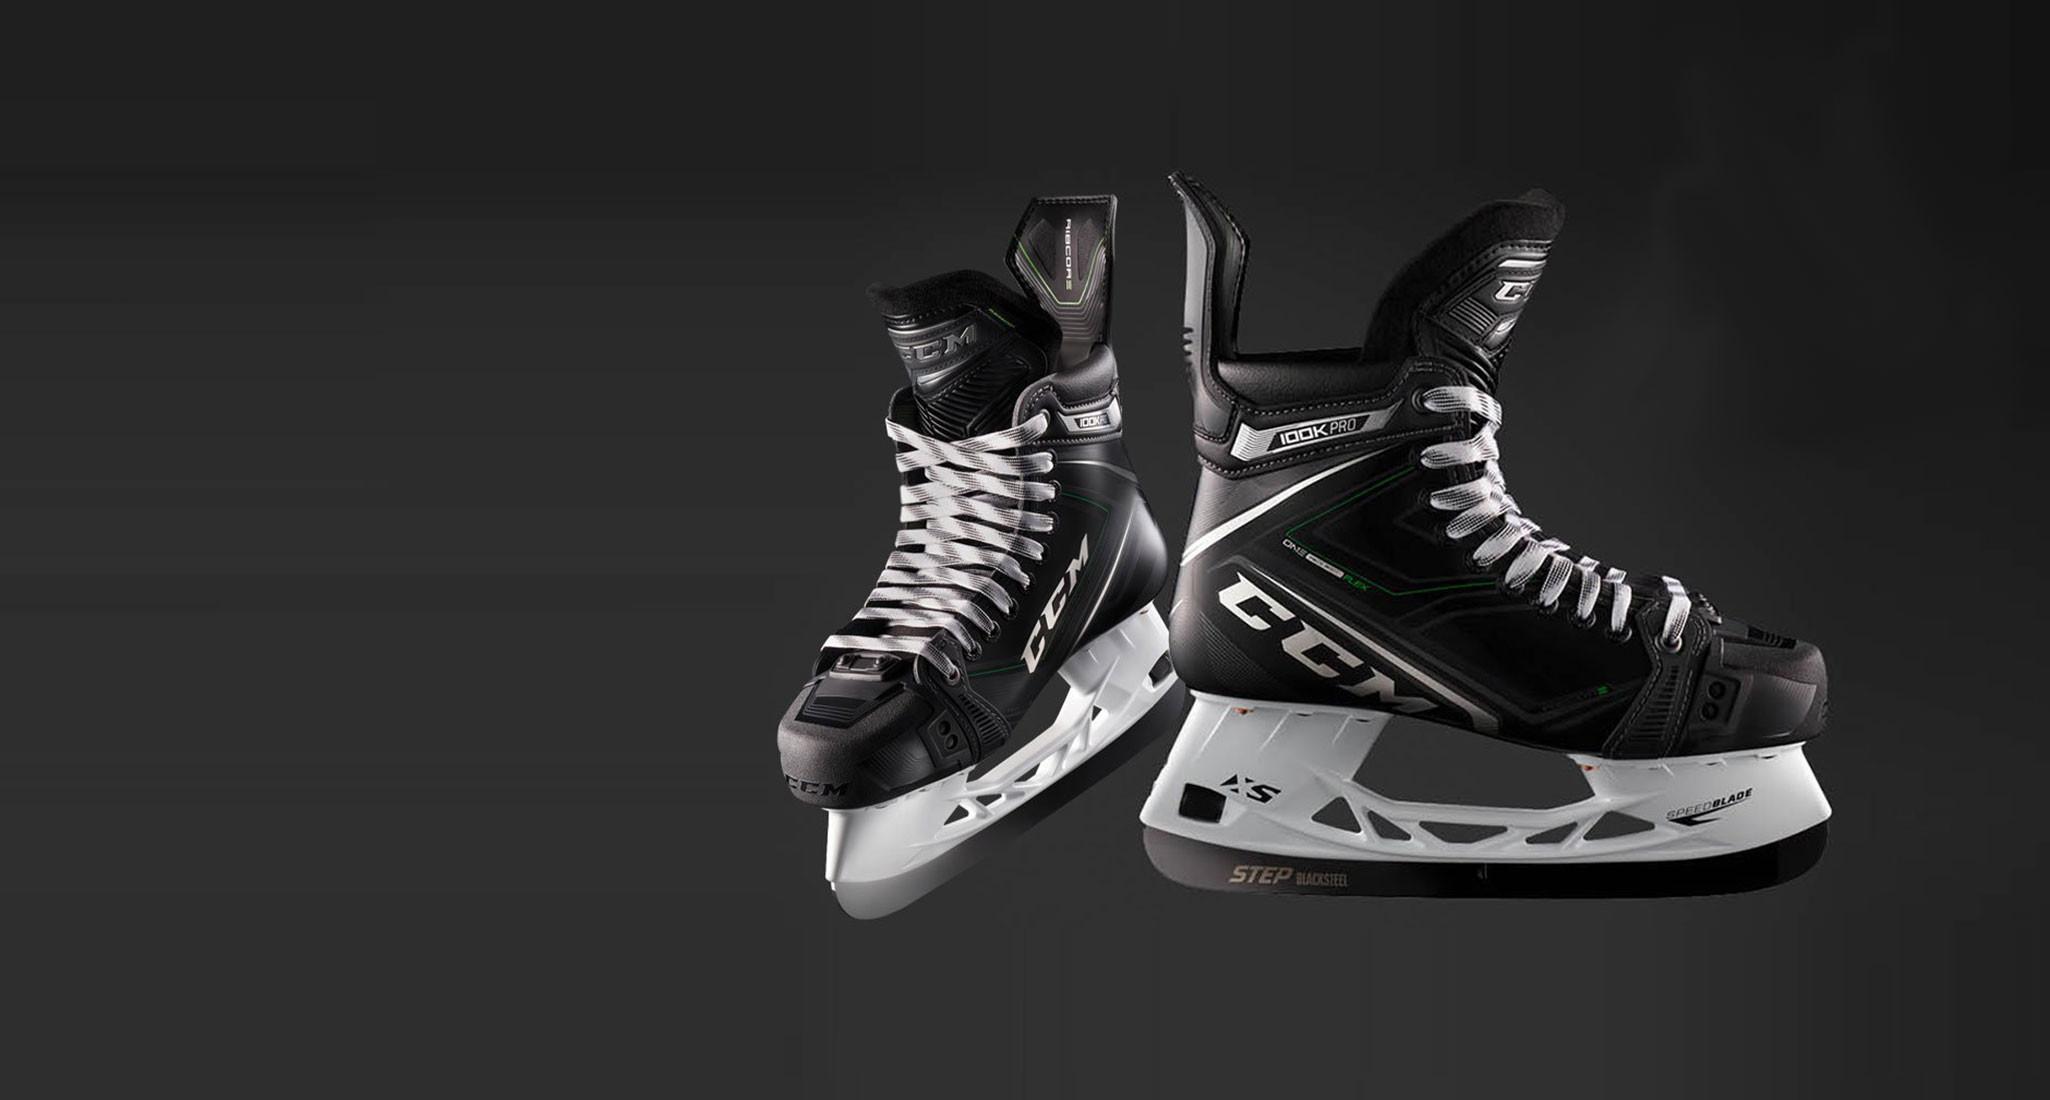 Hokejske trgovine Prosports